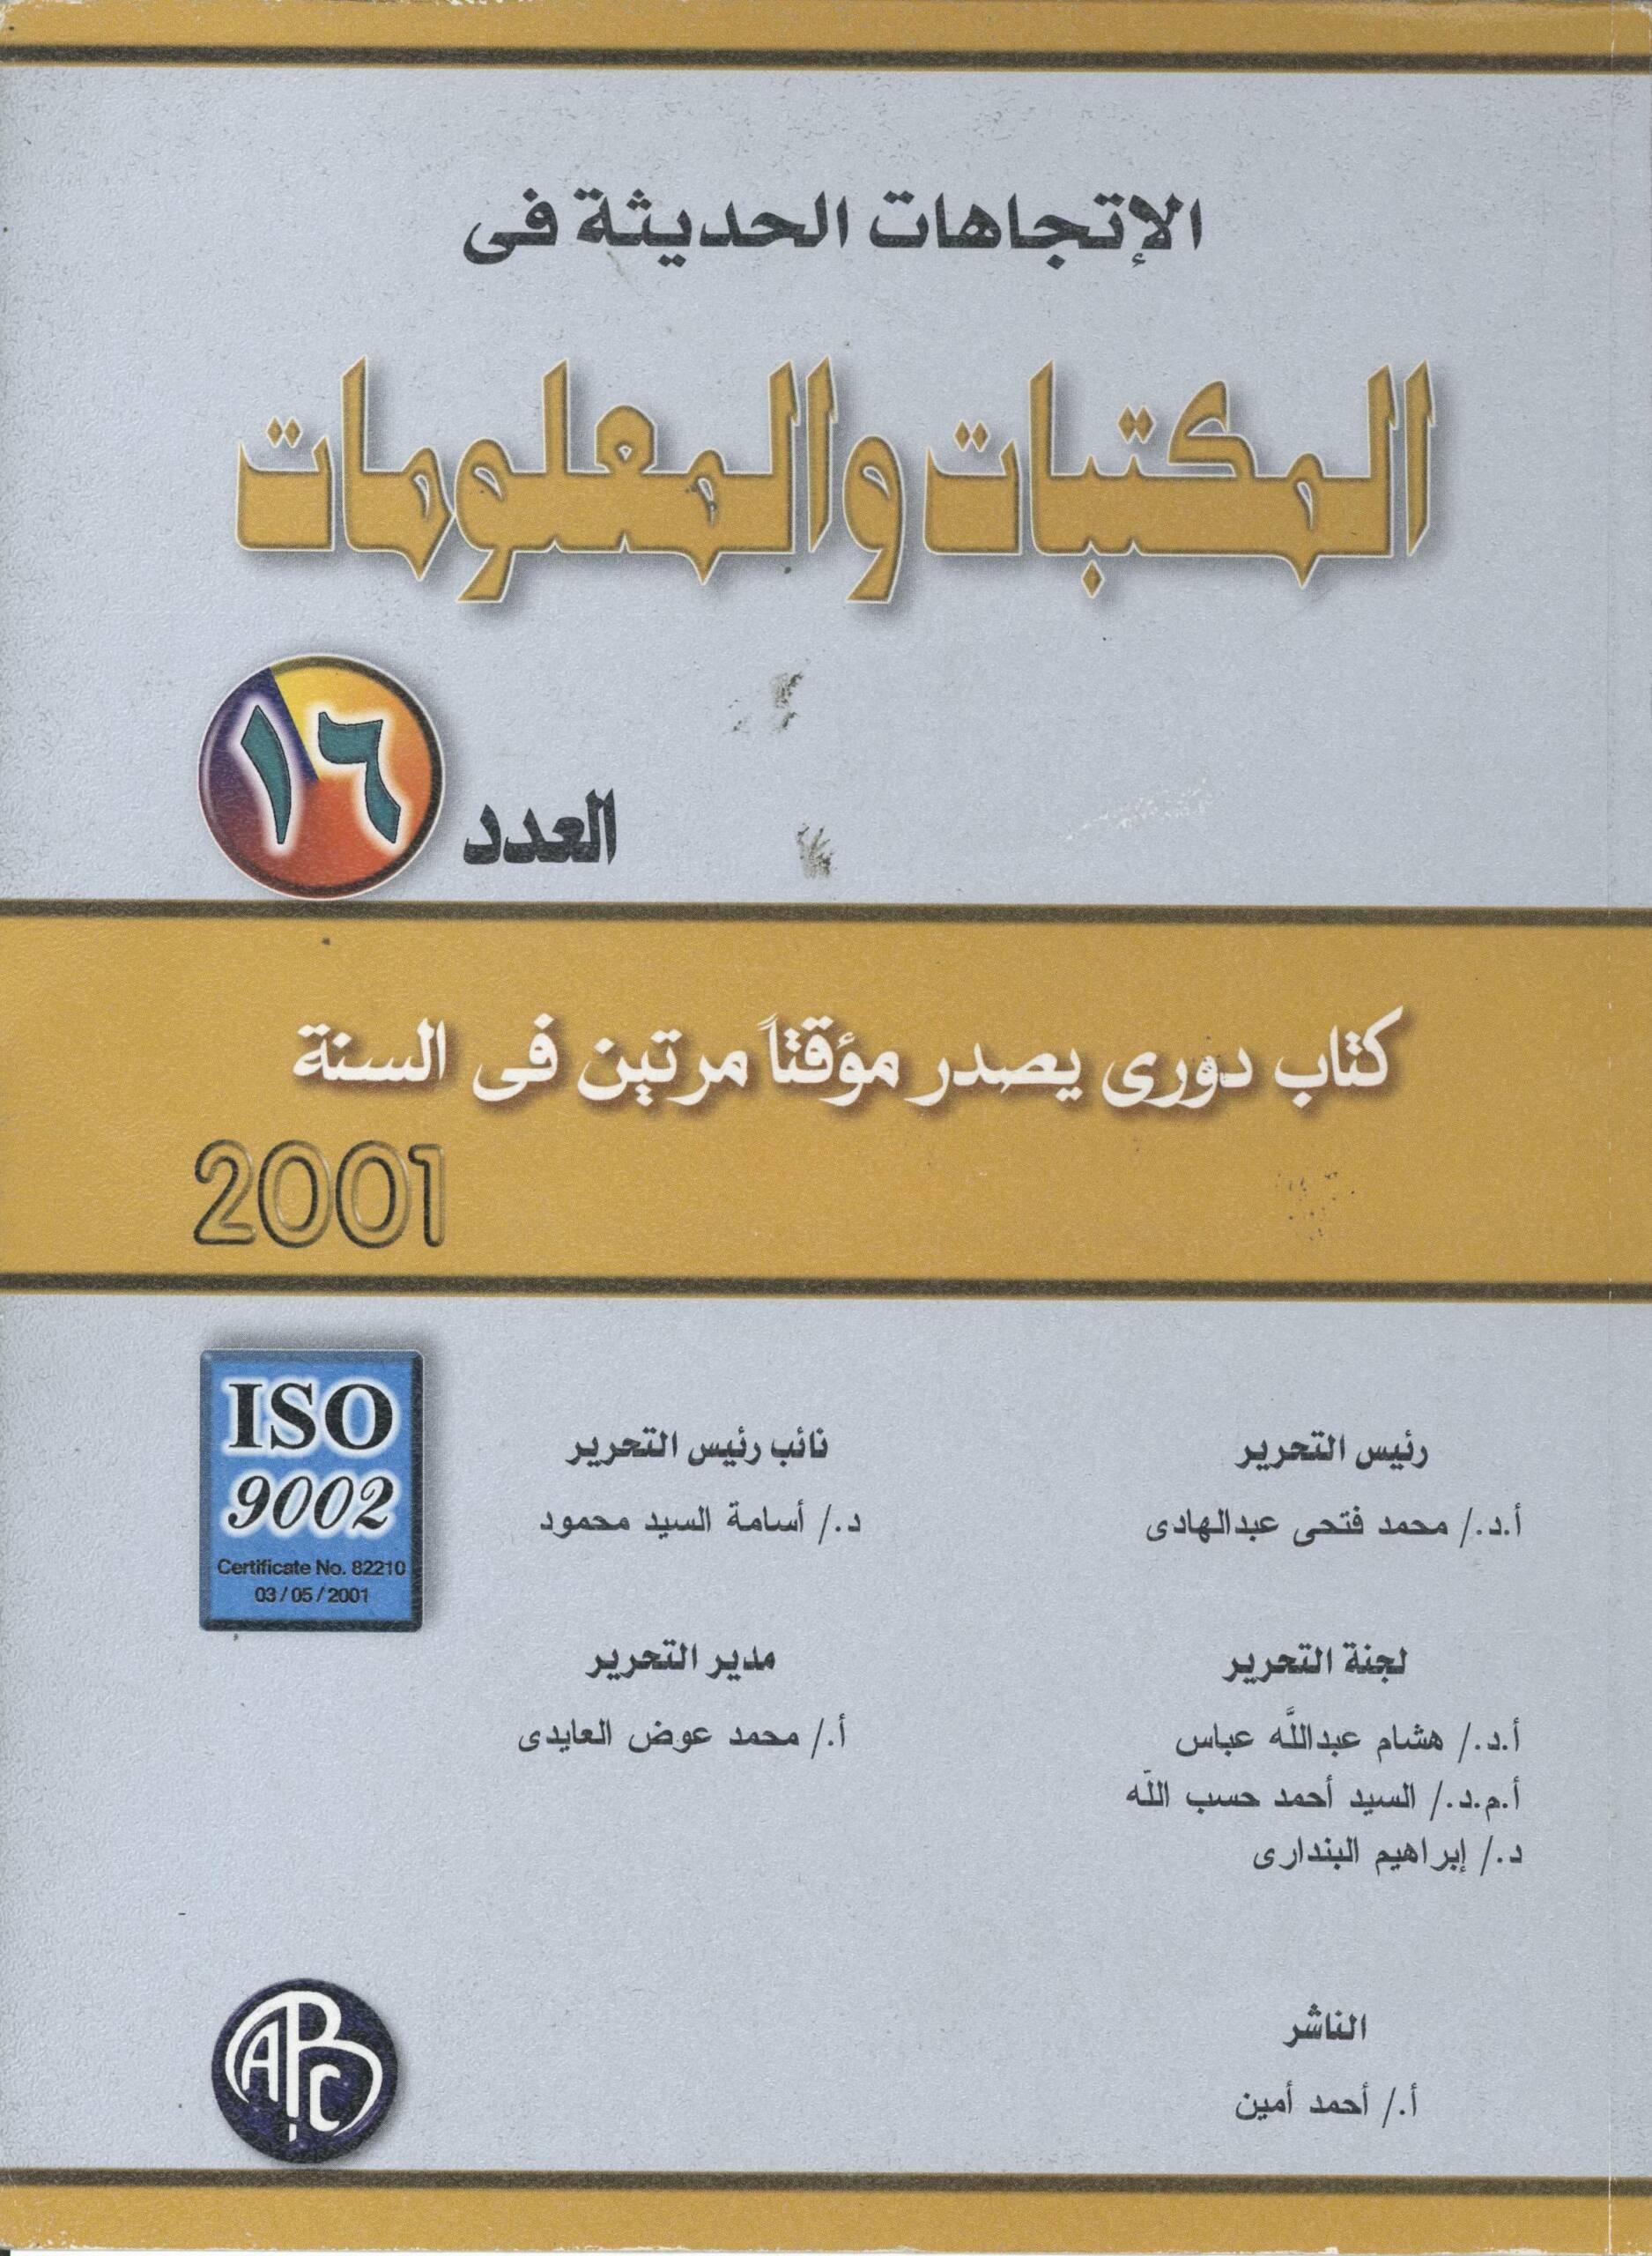 الاتجاهات الحديثة فى المكتبات و المعلومات- العدد السادس عشر-